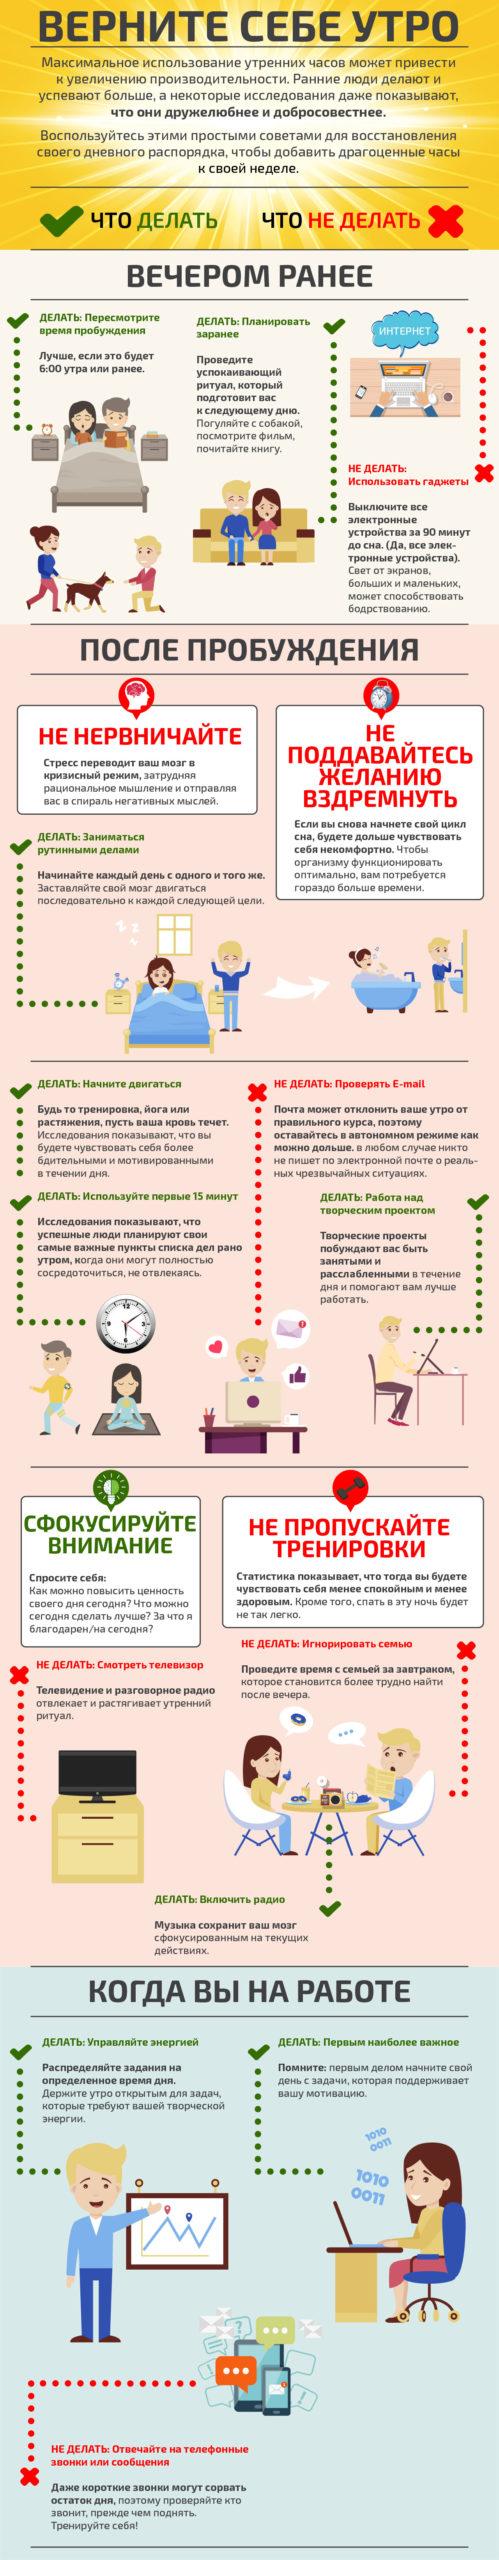 Инфографика Как стать Жаворонком